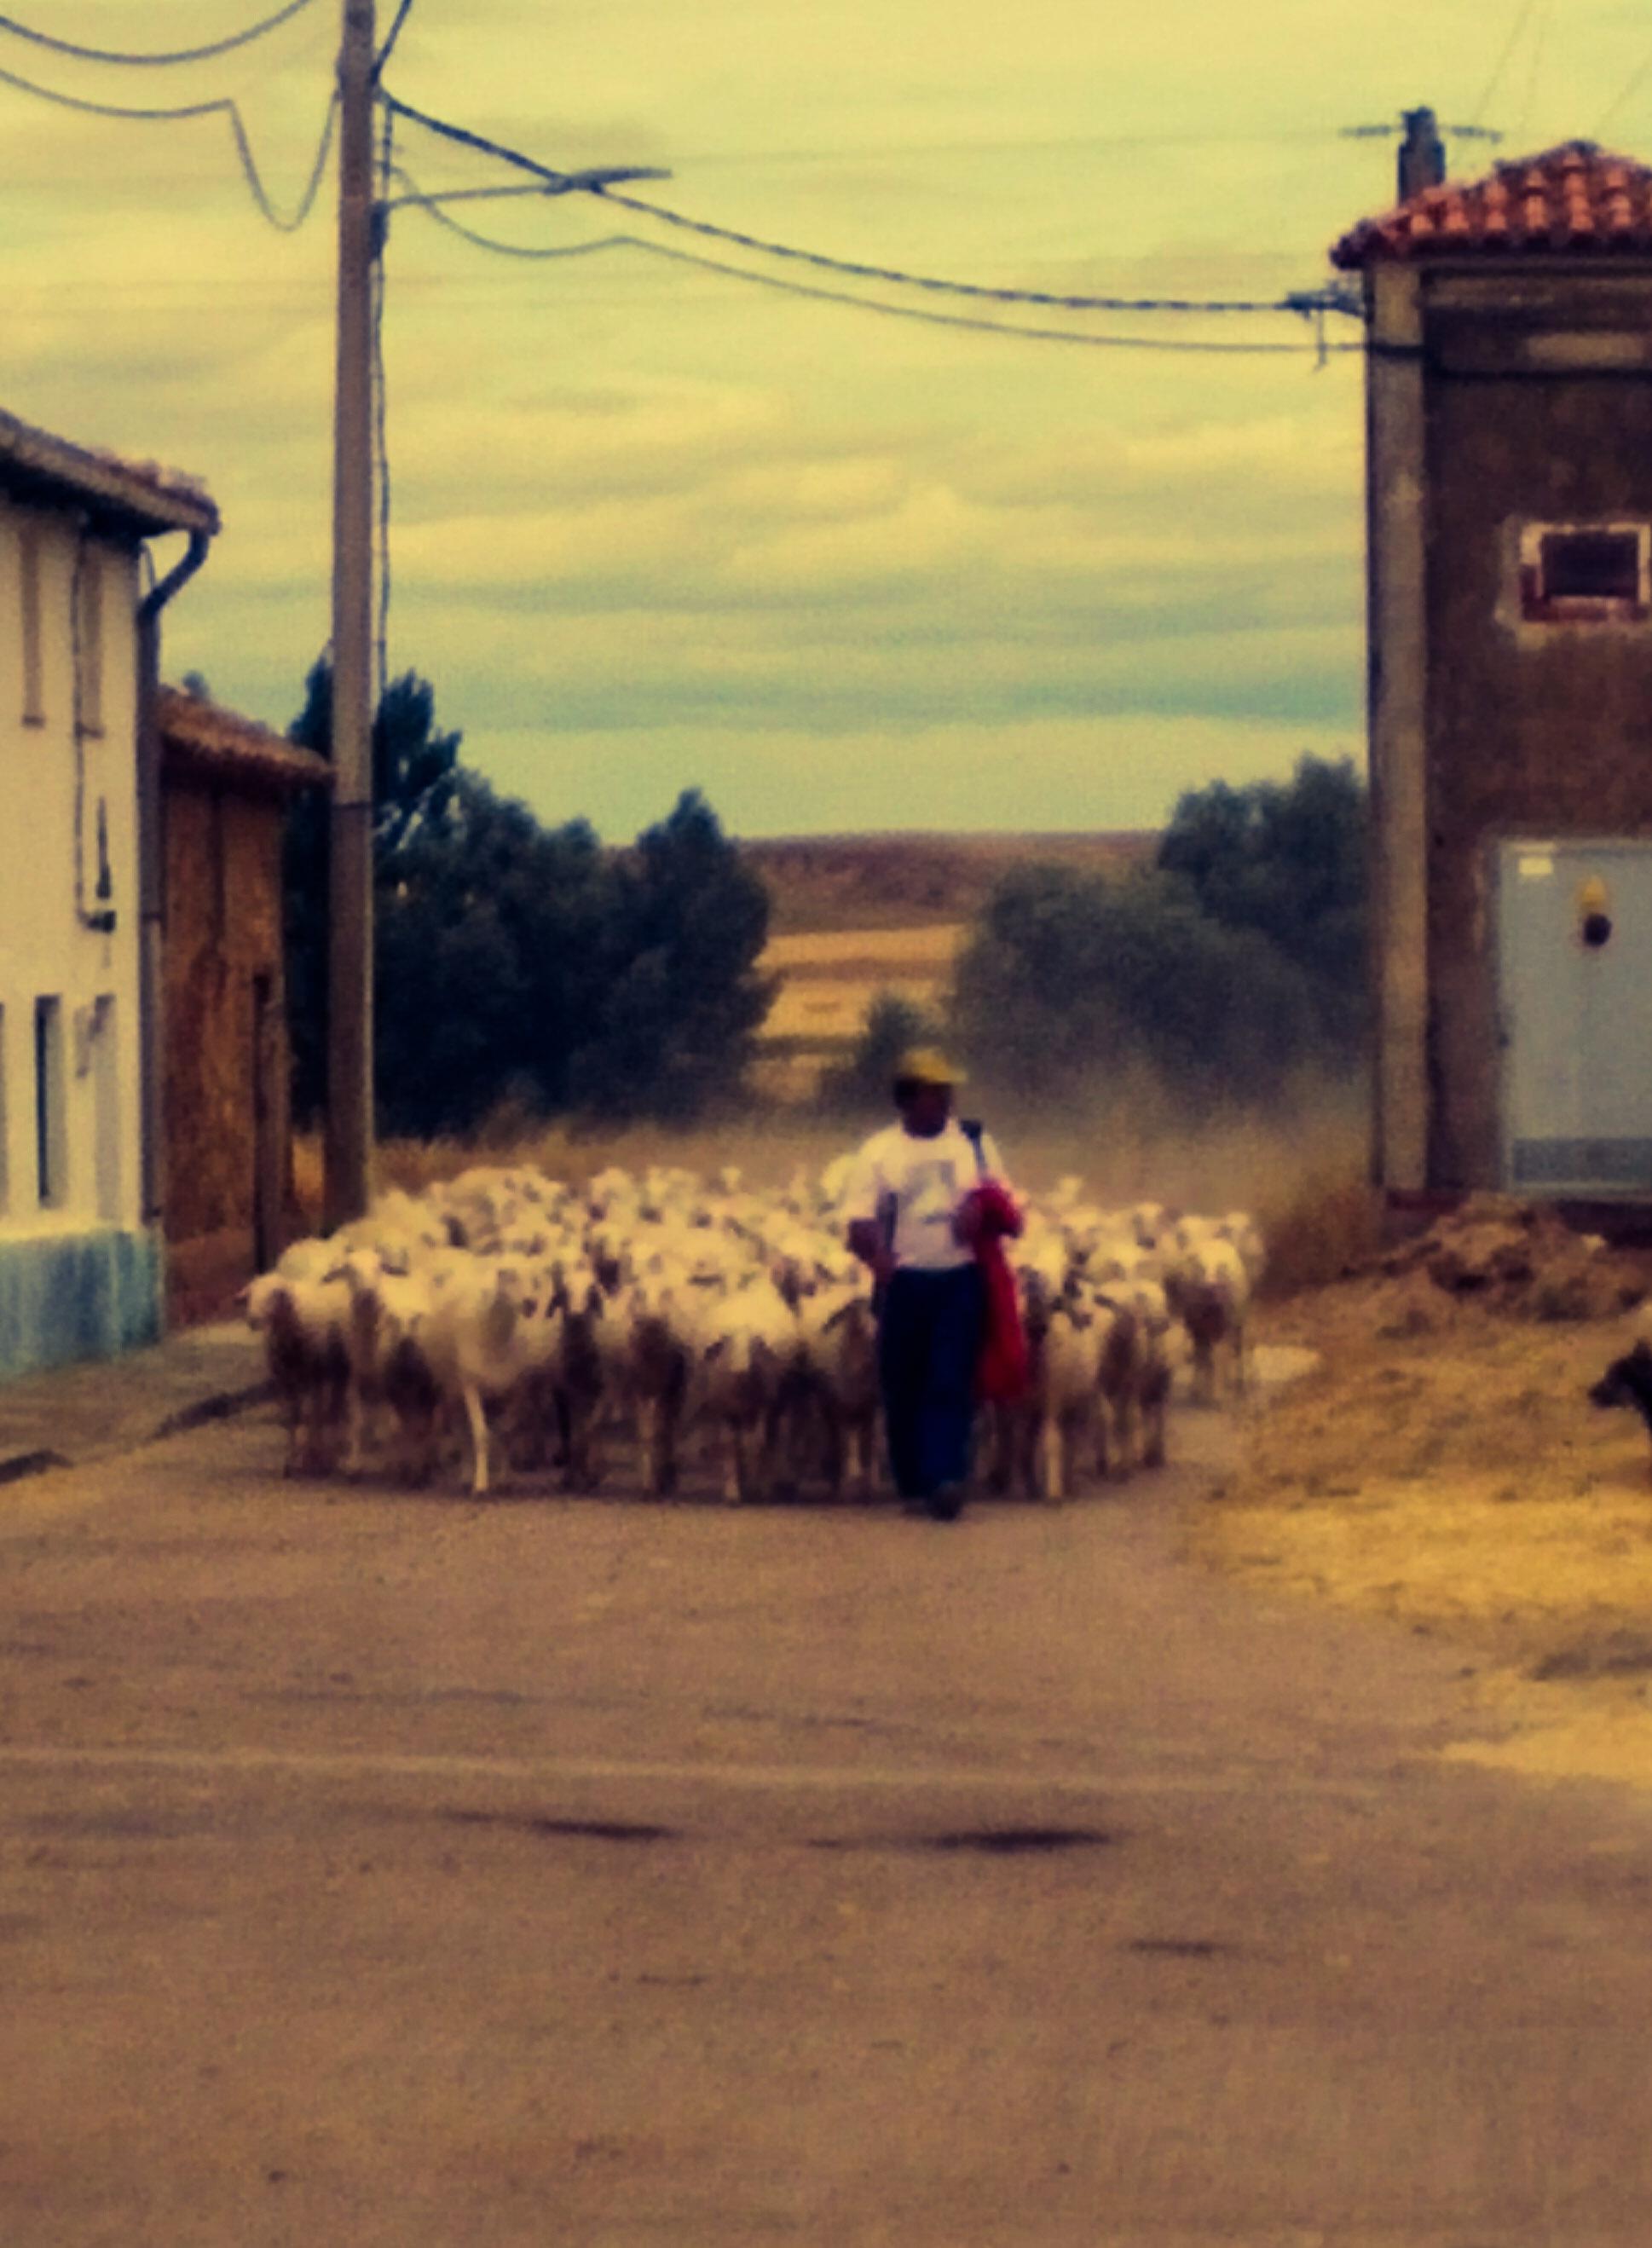 sahagun pastore villarmentero dos campos cammino di santiago de compostela